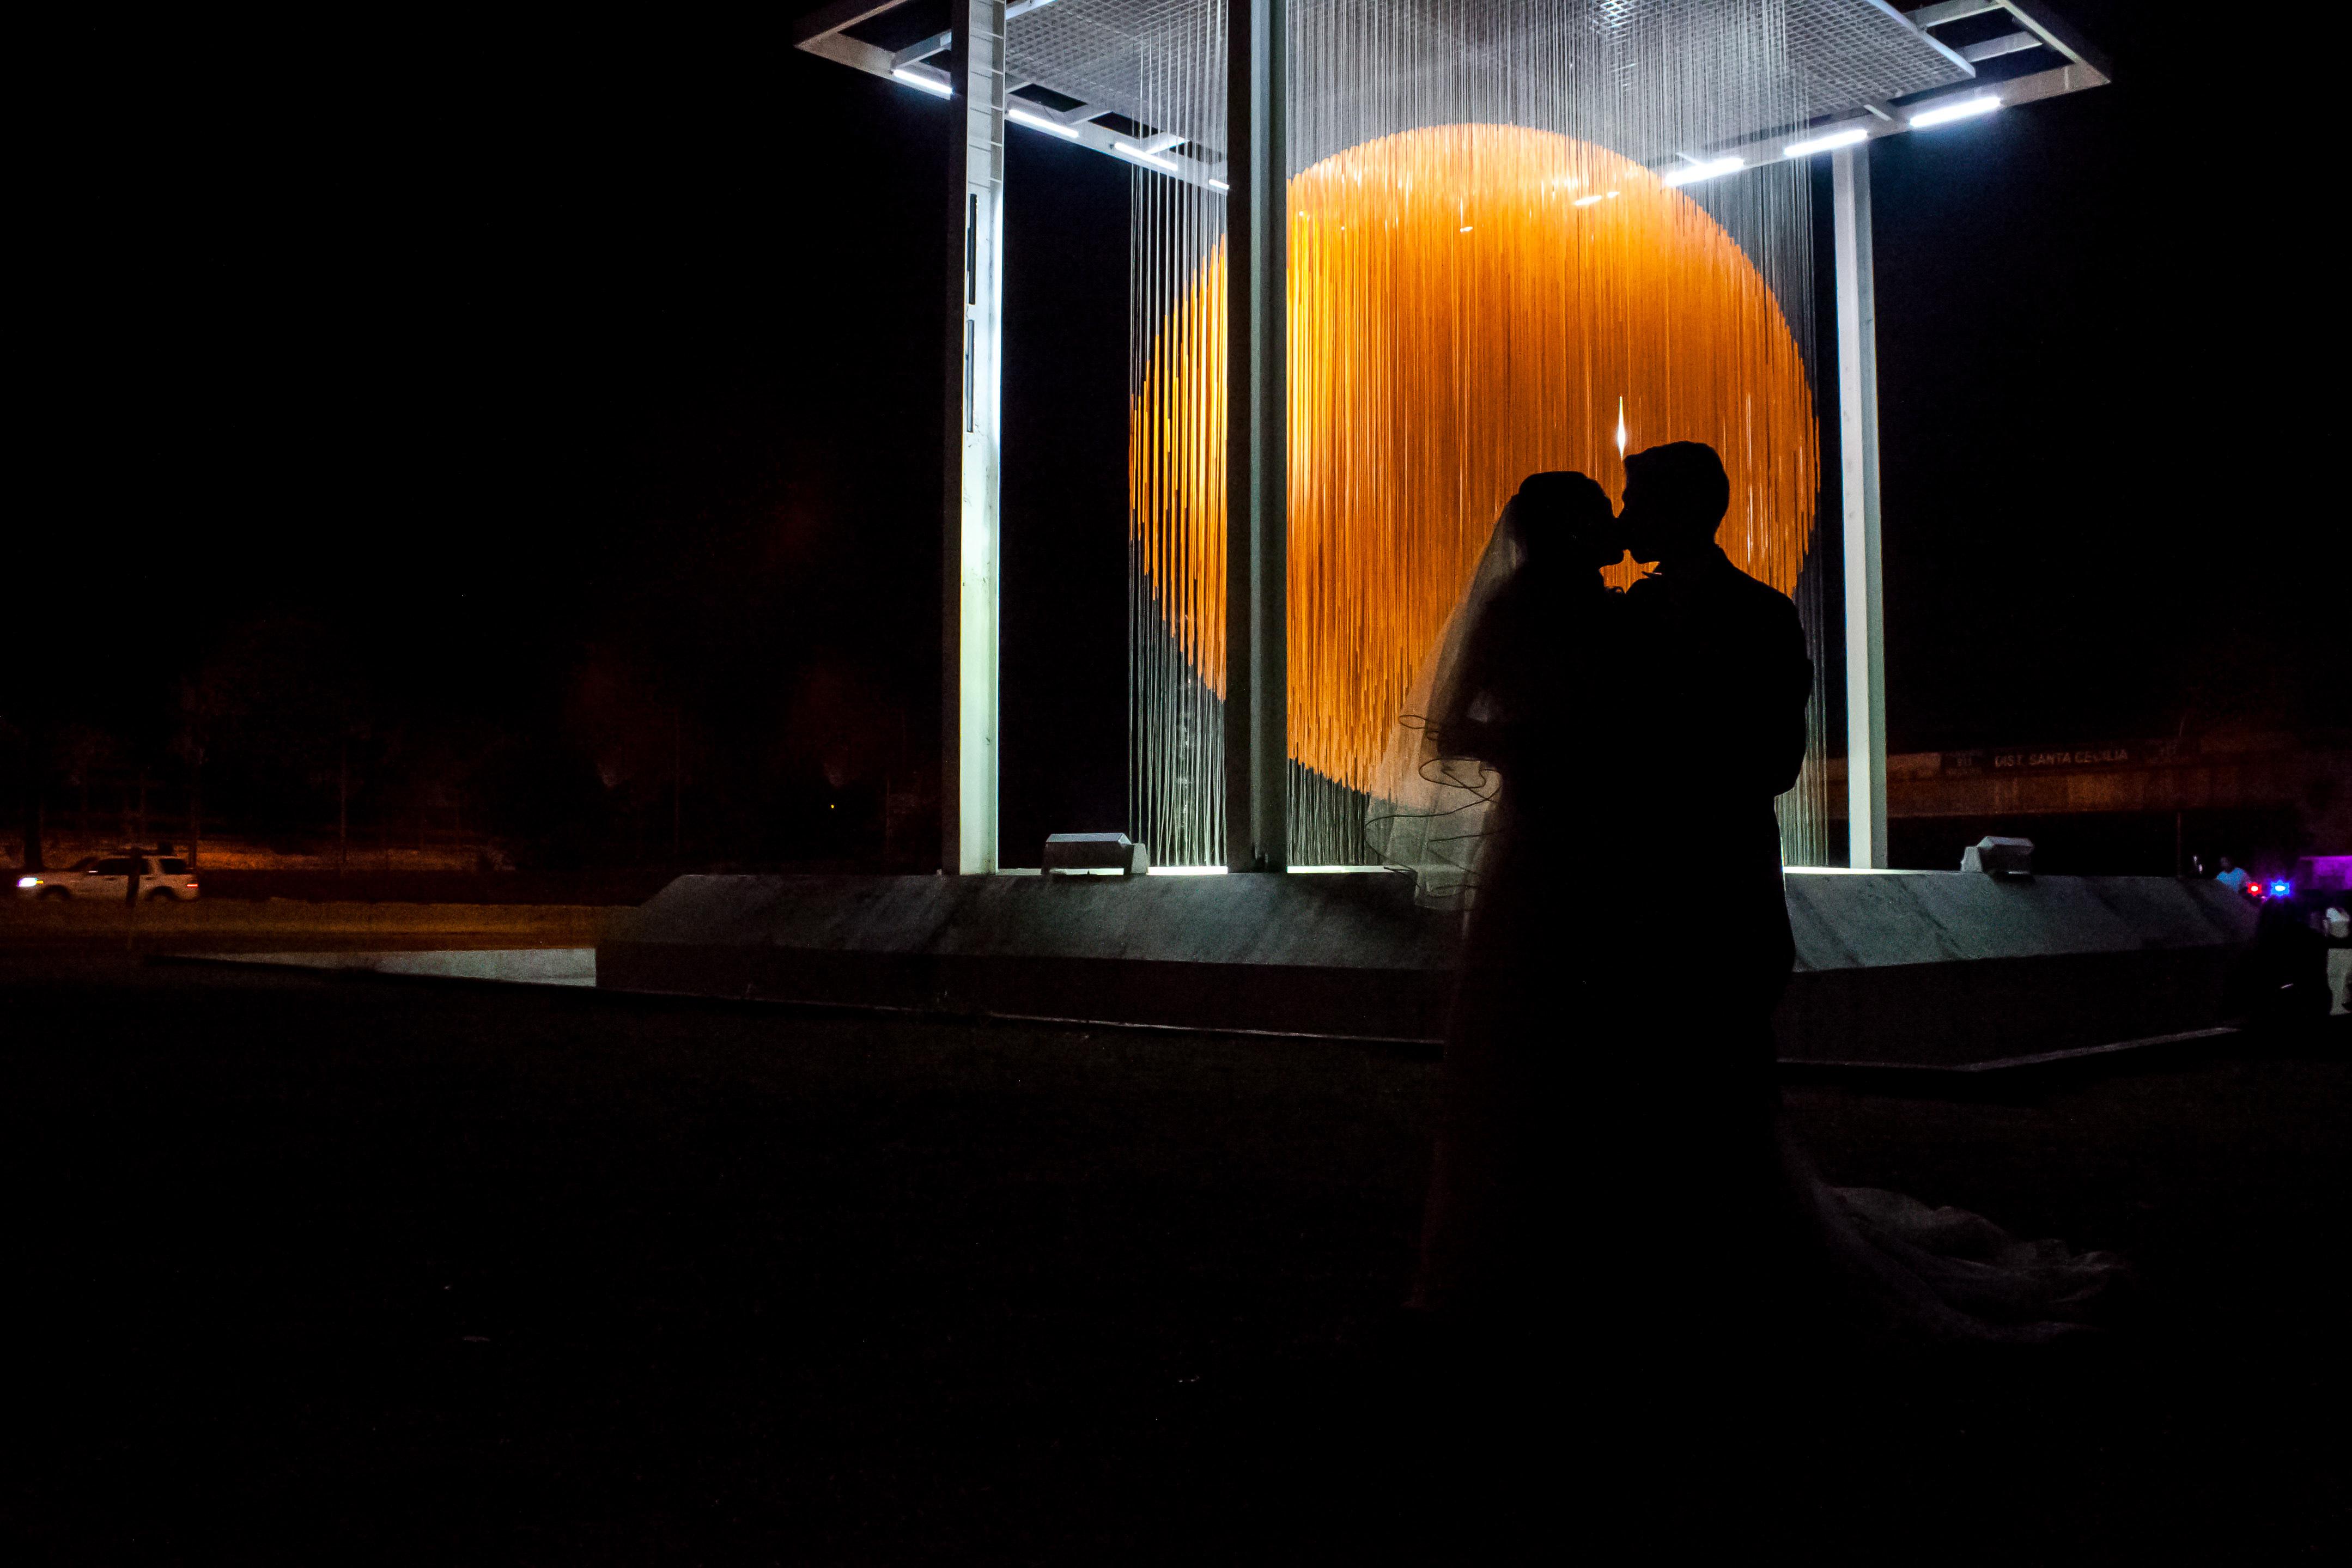 fotografia-boda-noche